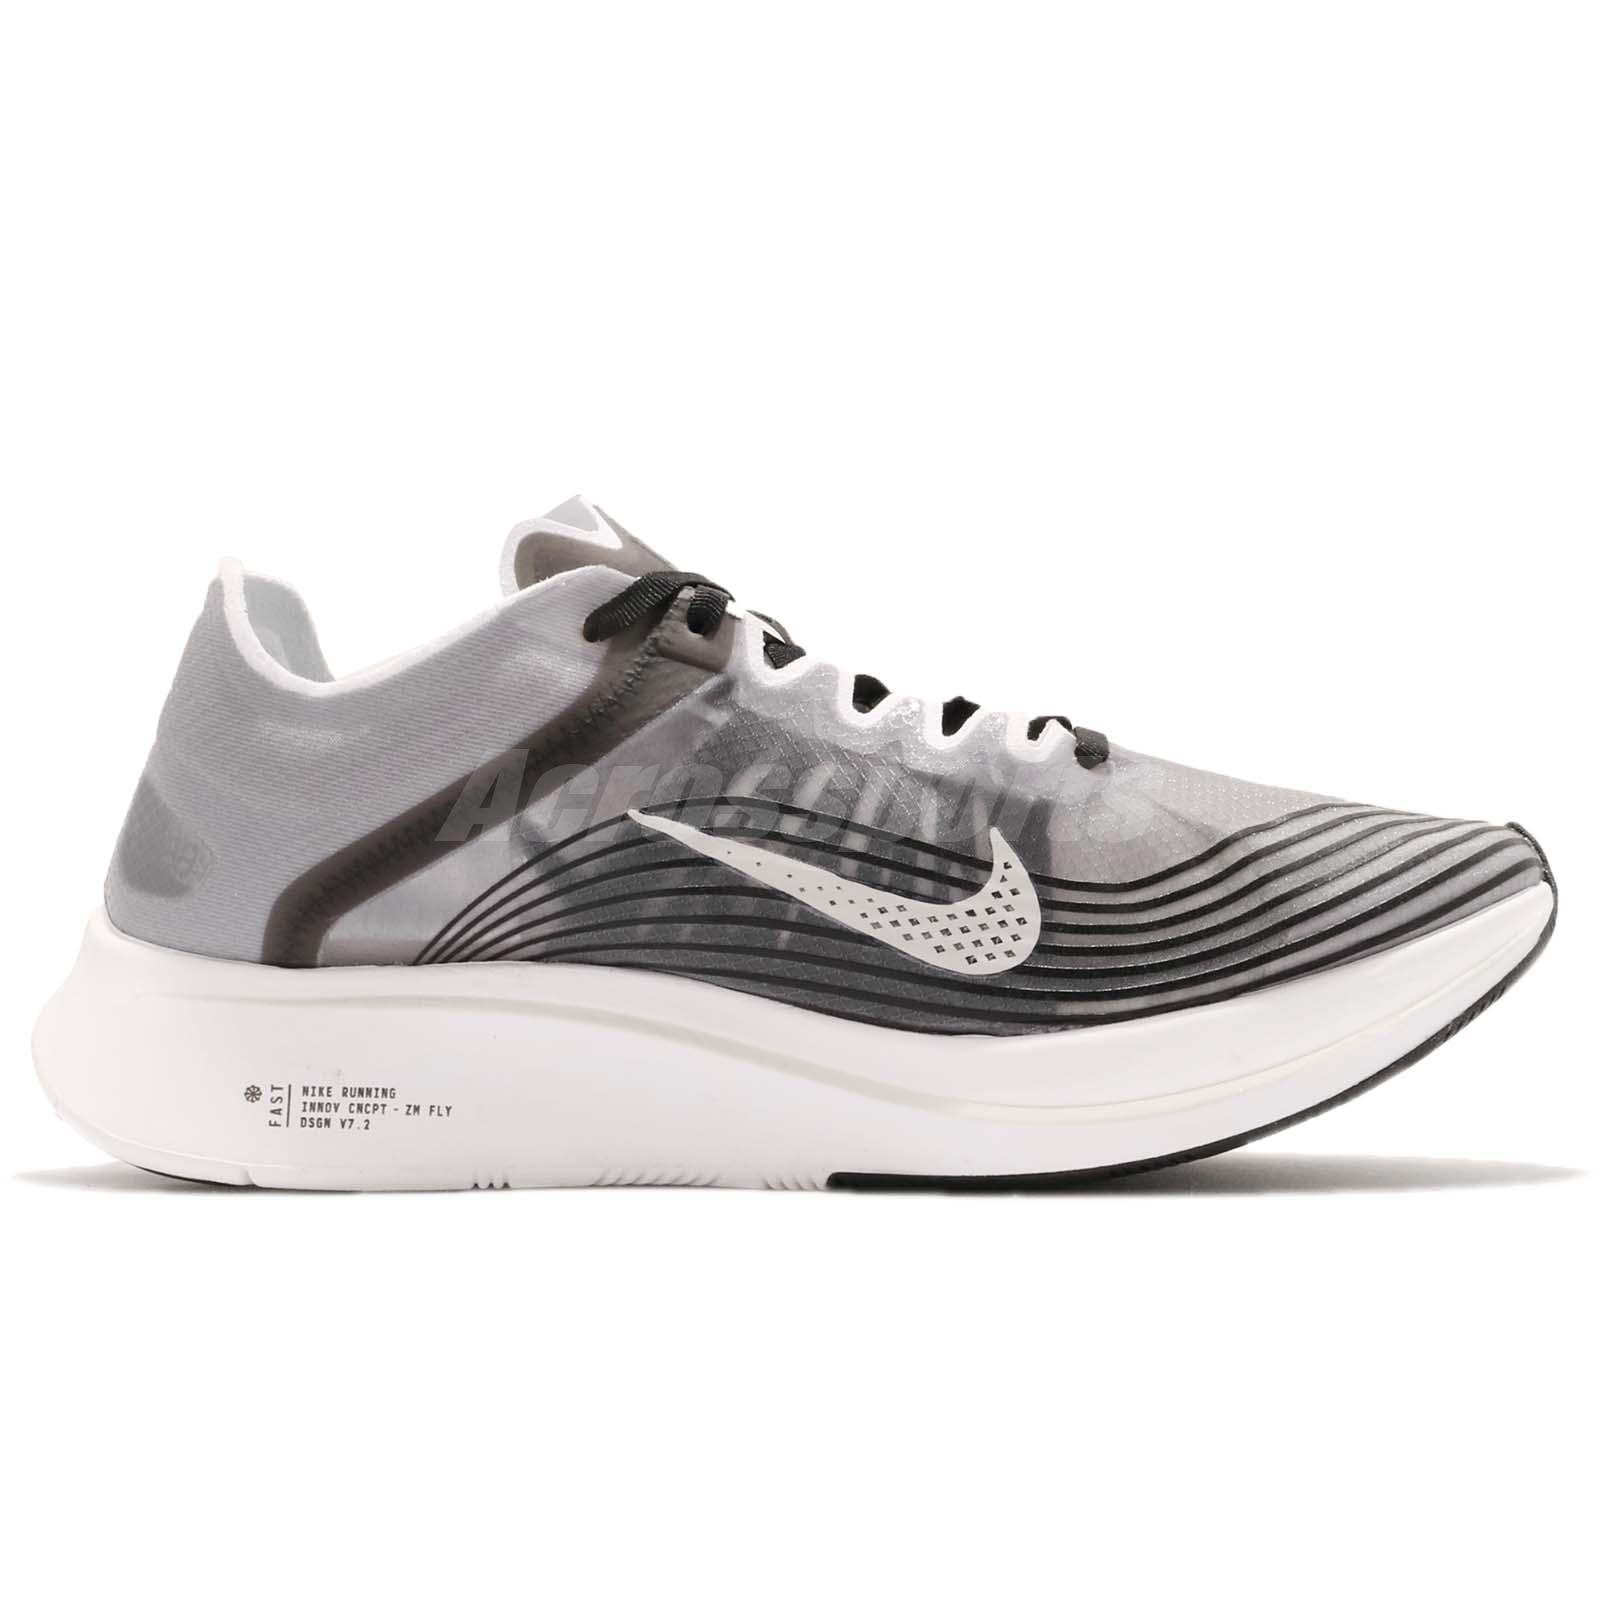 64cbf39fb3f Nike Zoom Fly SP Black Light Bone White Men Running Shoes Sneakers ...